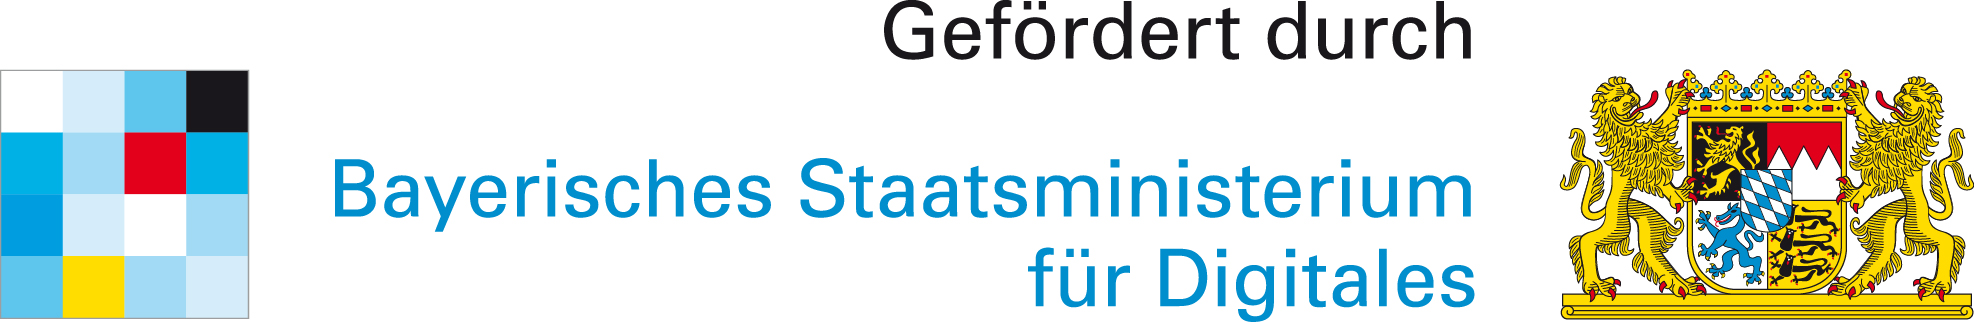 Gefördert durch Bayerisches Staatsministerium für Digitales